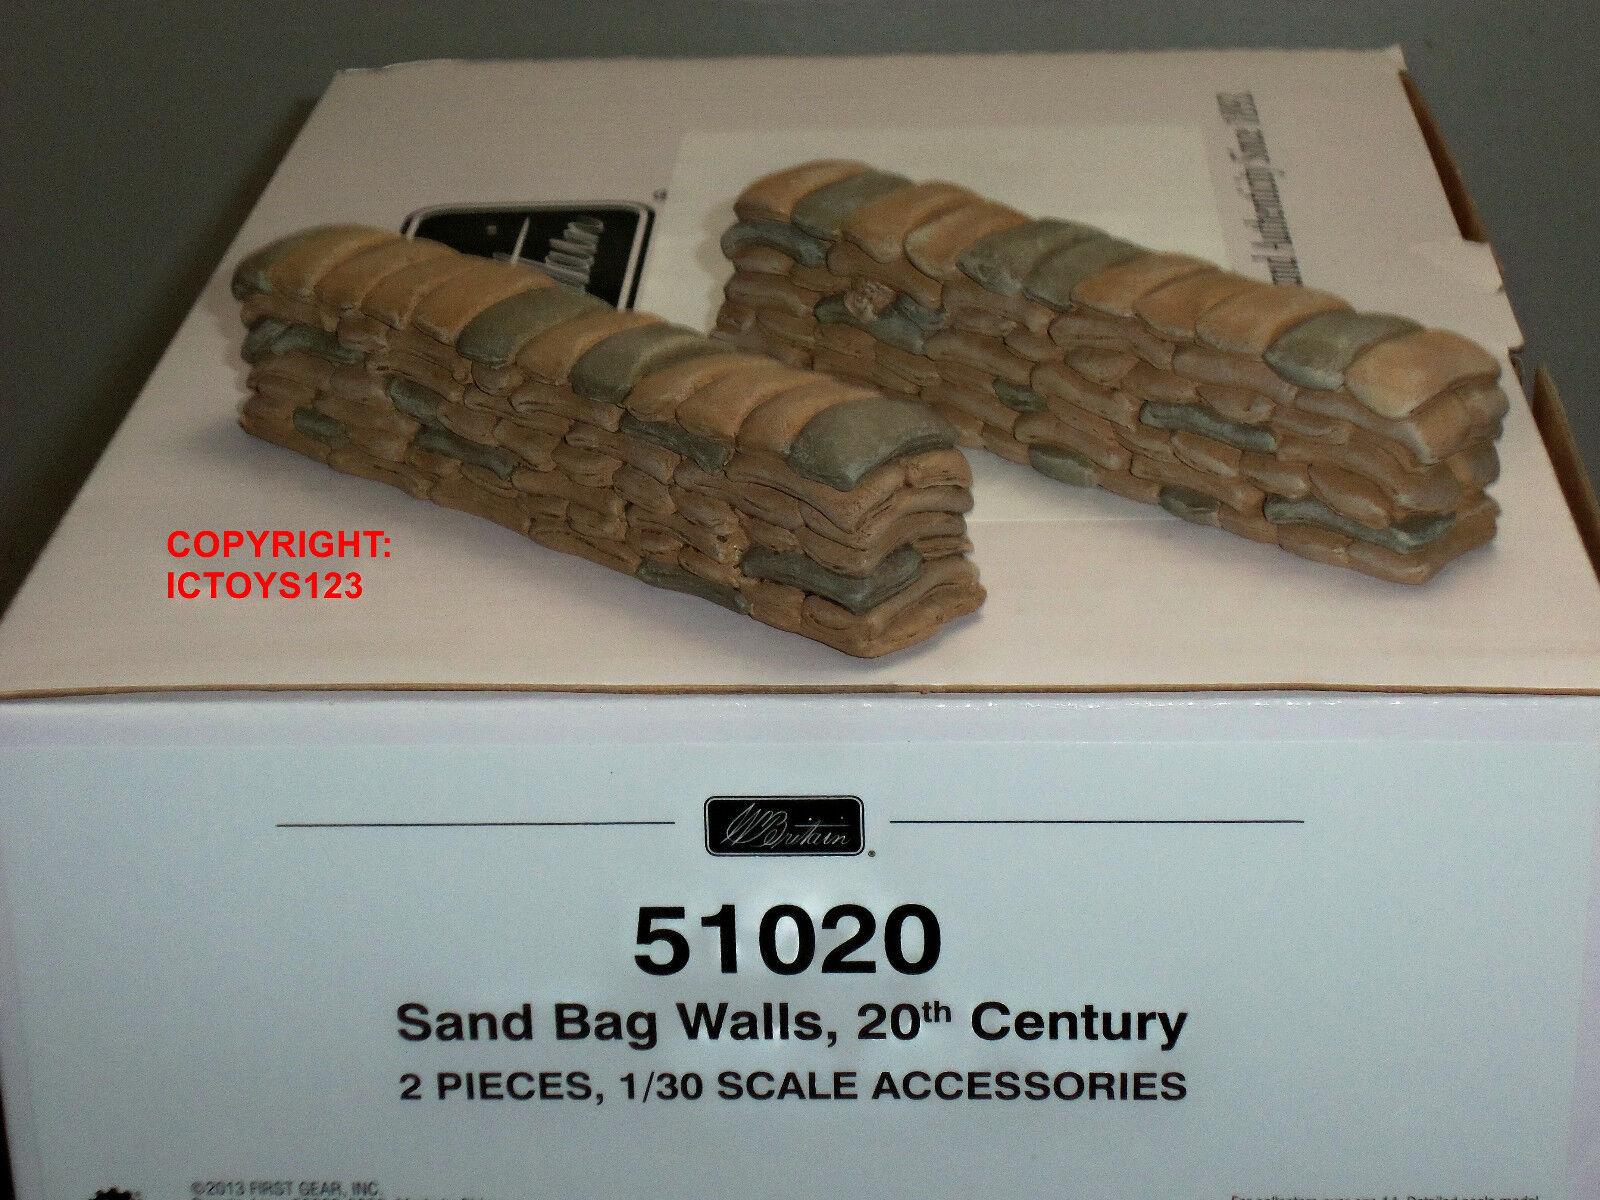 BRITAINS 51020 WORLD WAR TWO SANDBAG WALLS TOY SOLDIER FIGURE DIORAMA